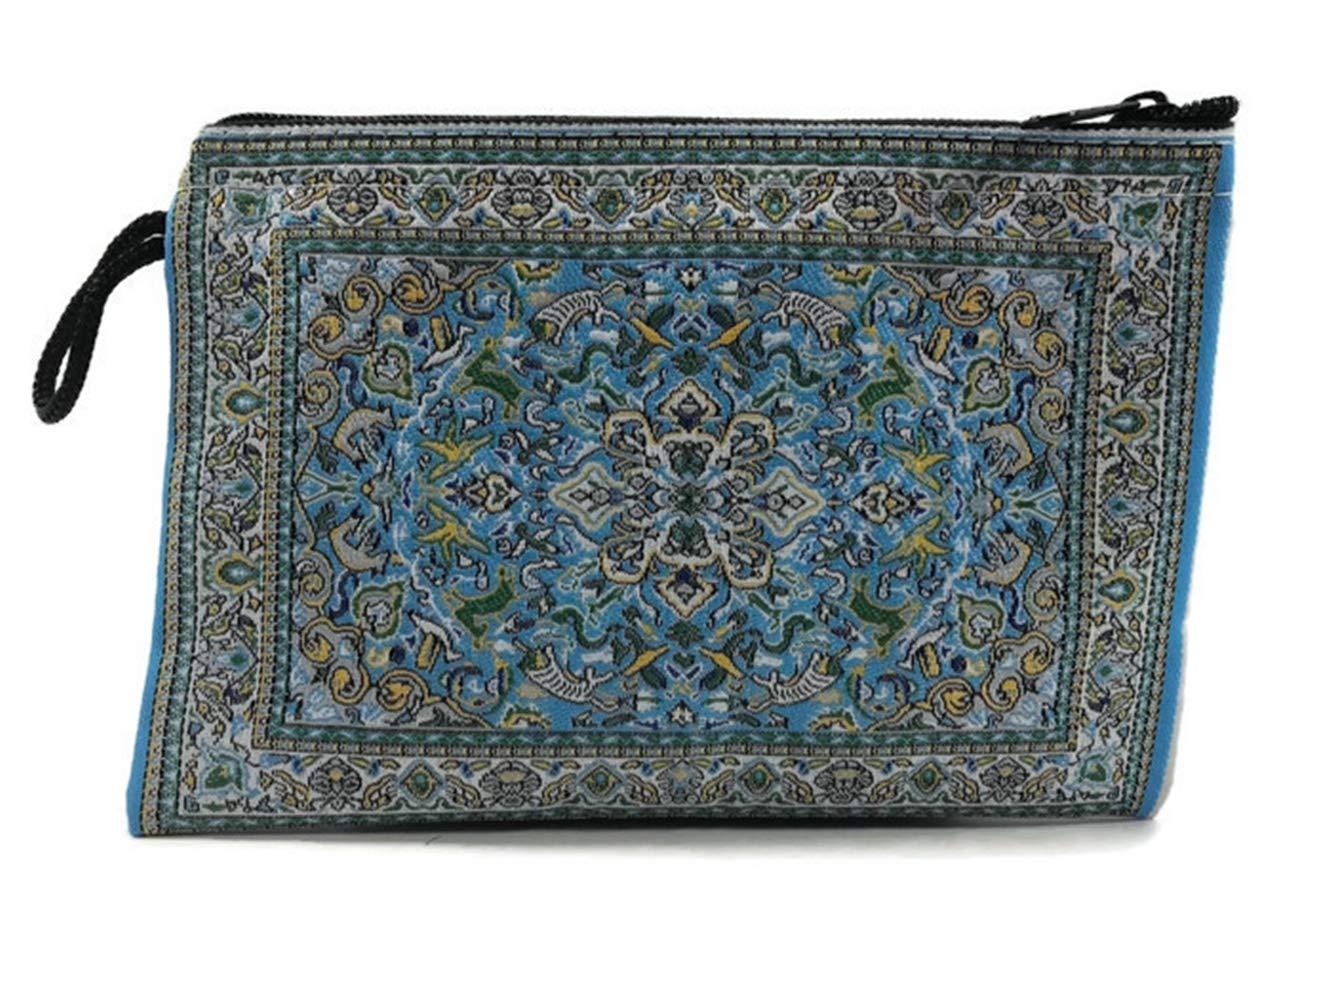 PunPund トルコ財布 ライトブルー 伝統的 アンティークスタイル 織地 様々な模様 小銭入れ ジッパーバッグ   B07MDTWZM2